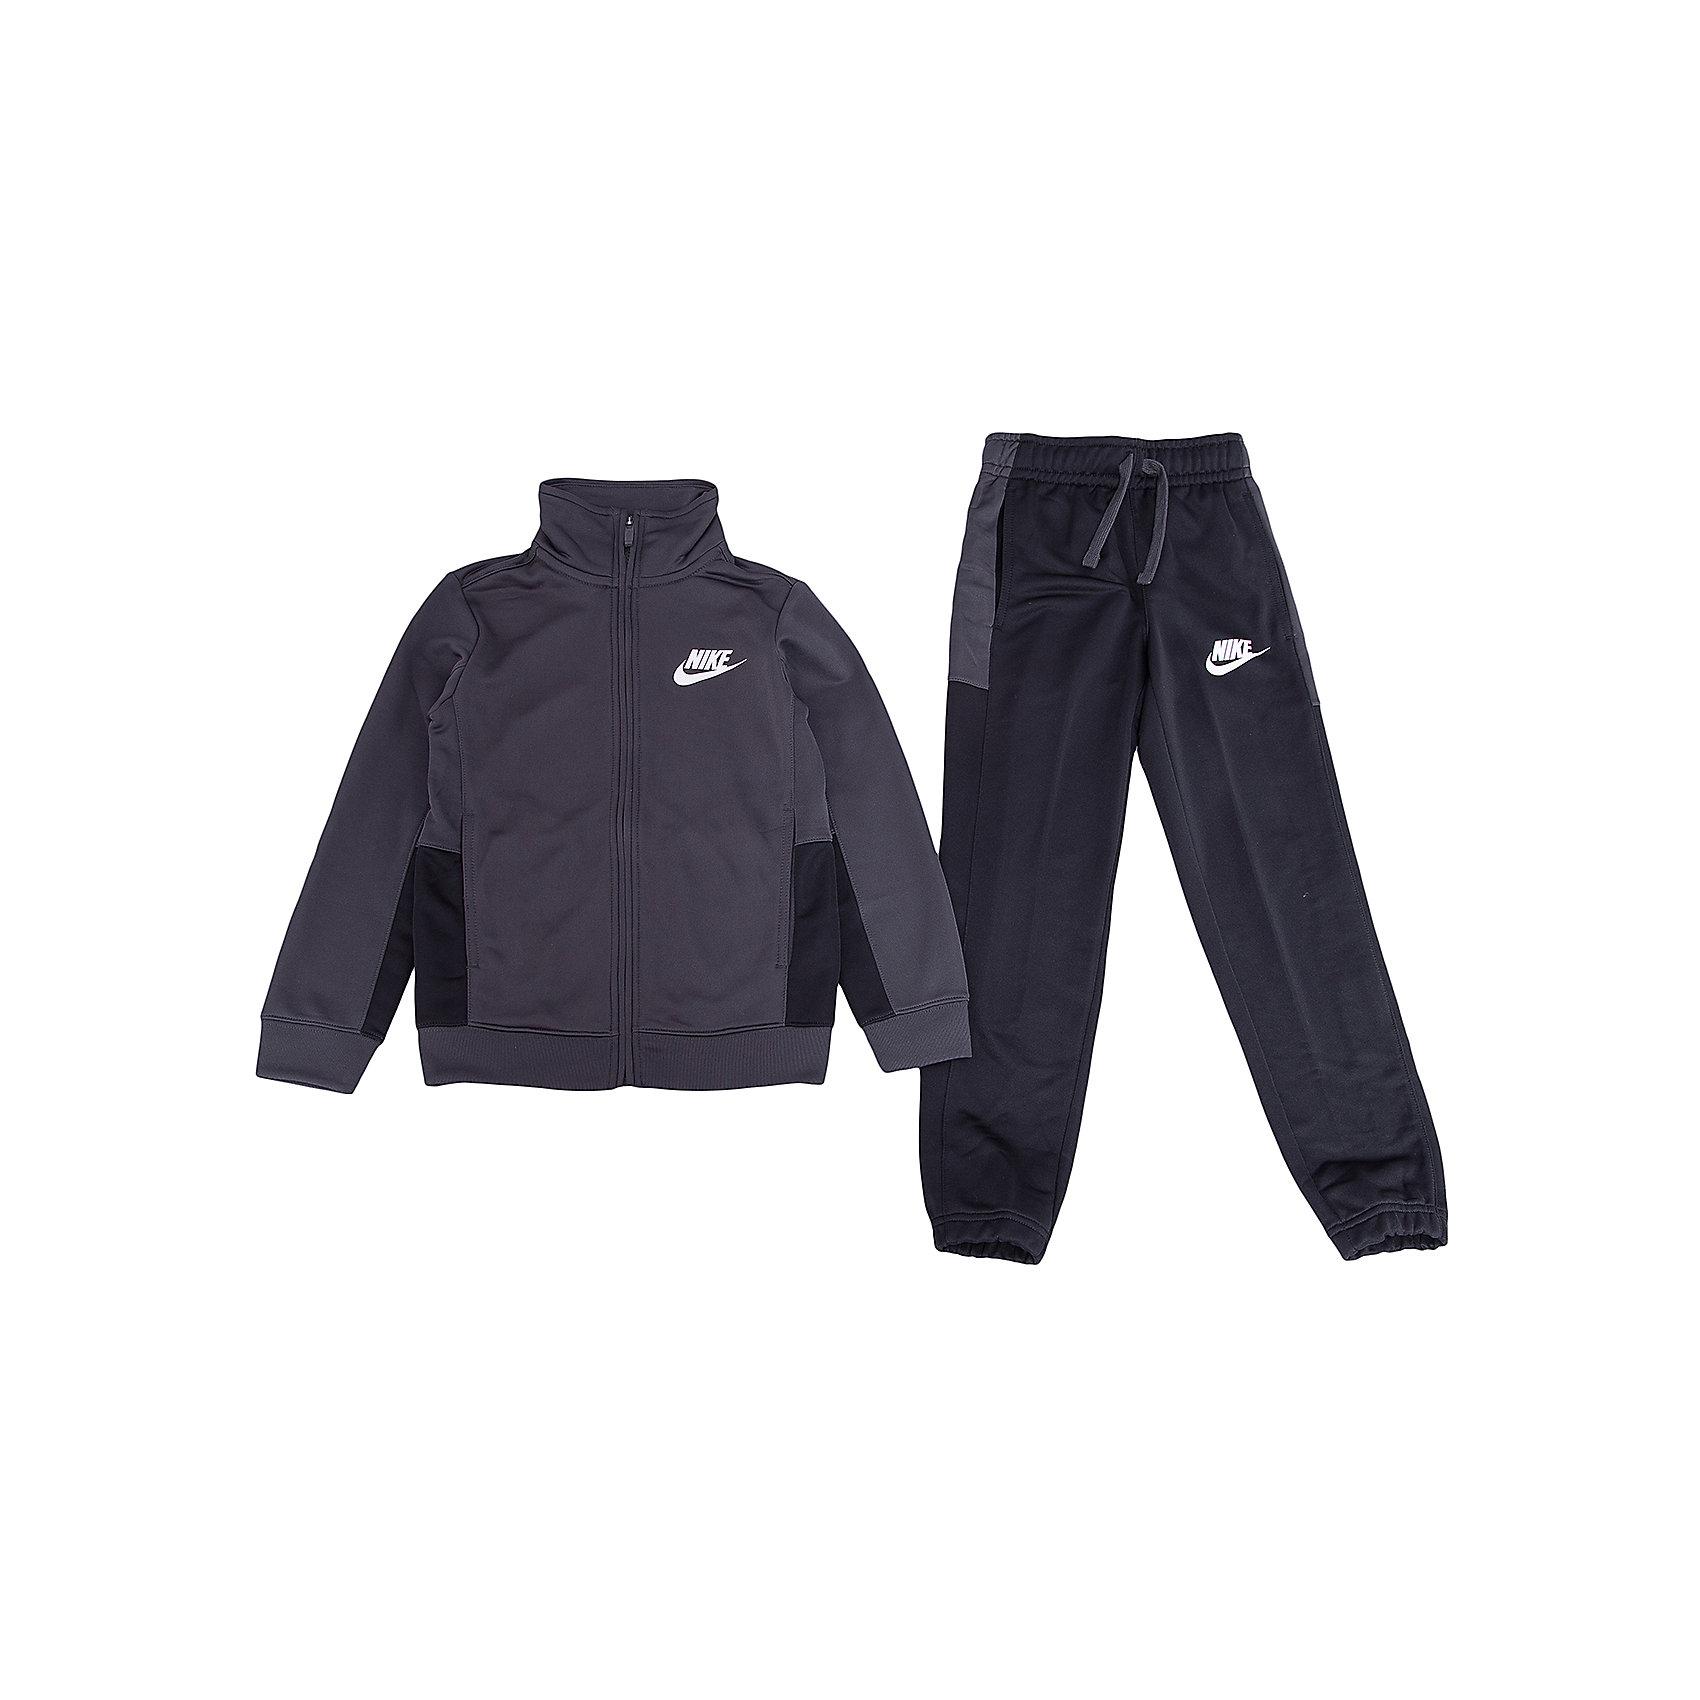 Спортивный костюм NIKEСпортивная форма<br>Характеристики товара:<br><br>• цвет: черный<br>• комплектация: курточка, брюки<br>• состав ткани: 100% полиэстер <br>• длинные рукава<br>• застежка: молния<br>• пояс: резинка и шнурок<br>• особенности модели: спортивный стиль<br>• сезон: демисезон<br>• карманы: на молнии<br>• страна бренда: США<br>• страна изготовитель: Малайзия<br><br>Комфортный детский спортивный костюм Nike разработан с учетом последних тенденций молодежной моды. Спортивный костюм Найк не стесняет движения ребенка. Этот спортивный костюм Nike - удобная и стильная одежда для отдыха и занятий спортом. Спортивной комплект для детей дополнен карманами на молнии. <br><br>Спортивный костюм Nike (Найк) можно купить в нашем интернет-магазине.<br><br>Ширина мм: 247<br>Глубина мм: 16<br>Высота мм: 140<br>Вес г: 225<br>Цвет: черный<br>Возраст от месяцев: 168<br>Возраст до месяцев: 180<br>Пол: Унисекс<br>Возраст: Детский<br>Размер: 158/170,122/128,128/134,135/140,147/158<br>SKU: 7073922